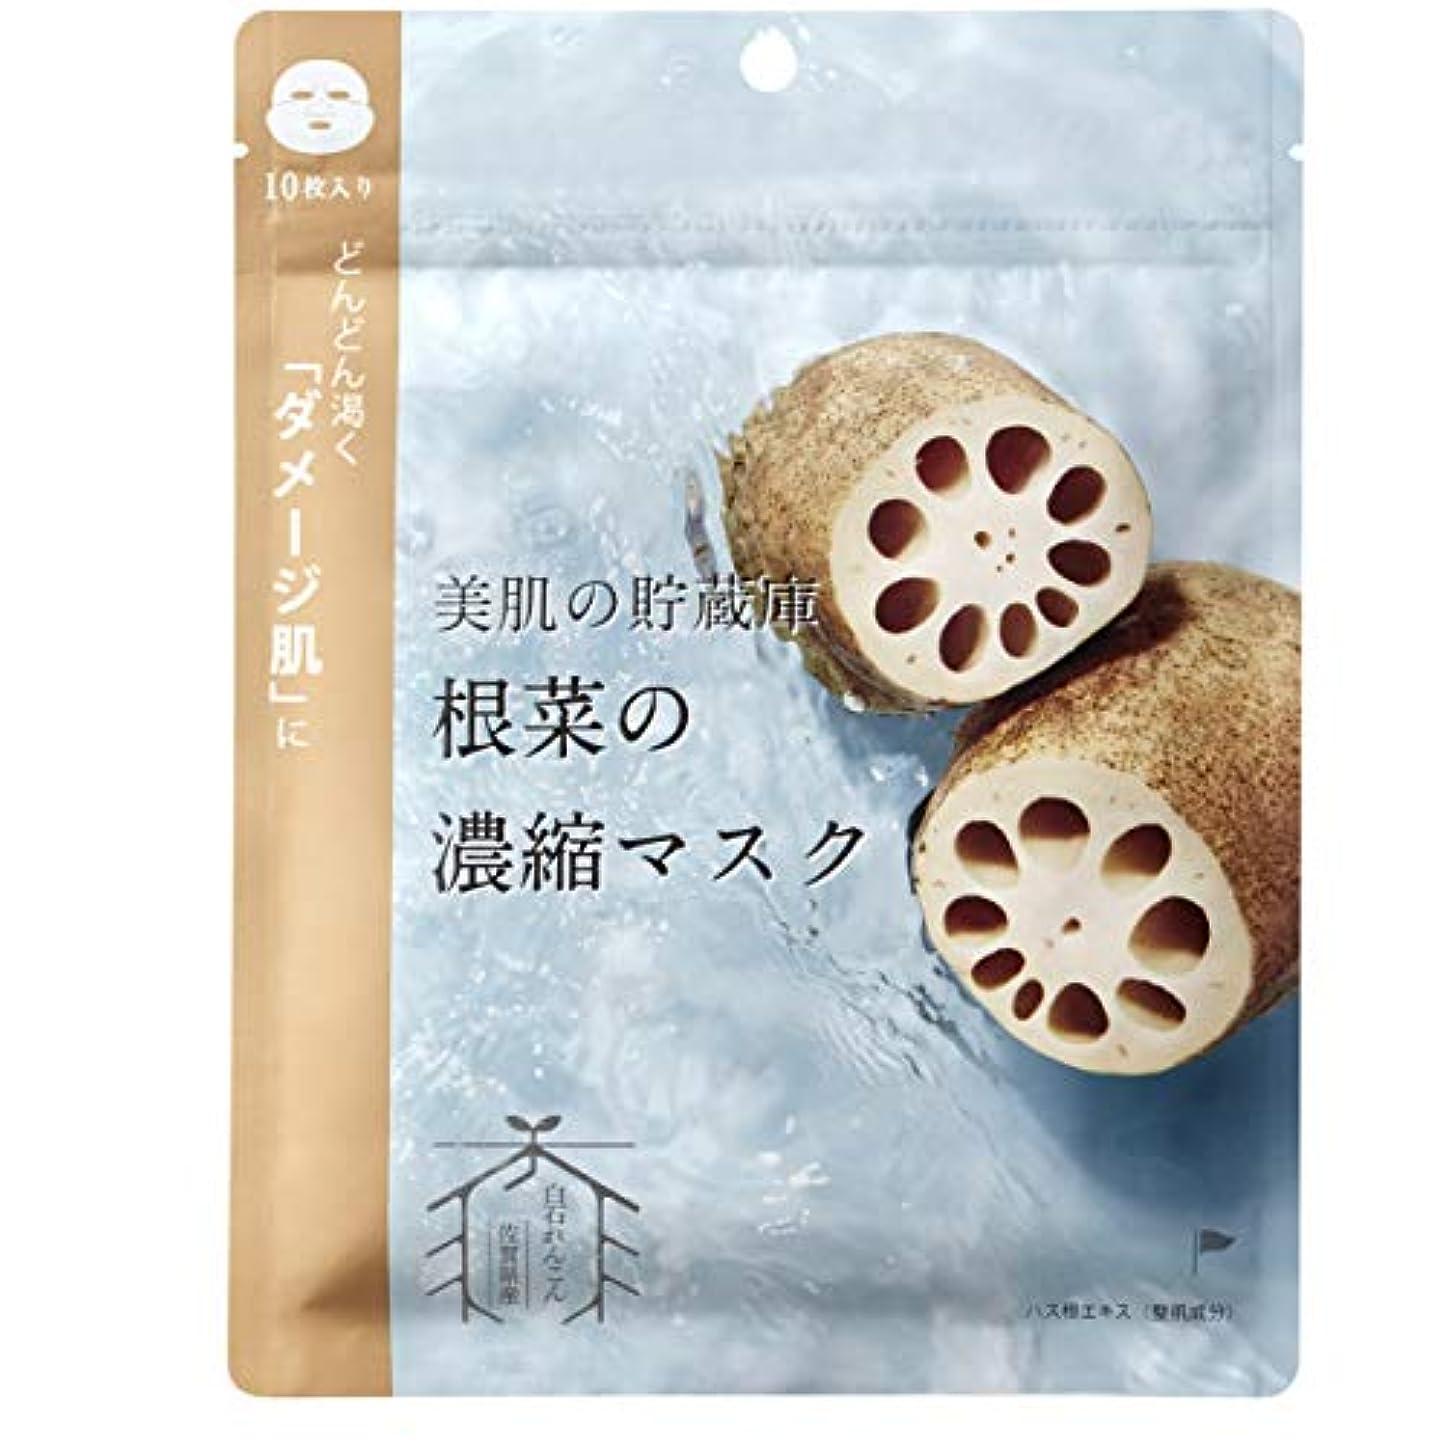 ファックス兵器庫穿孔する@cosme nippon 美肌の貯蔵庫 根菜の濃縮マスク 白石れんこん 10枚入 160ml